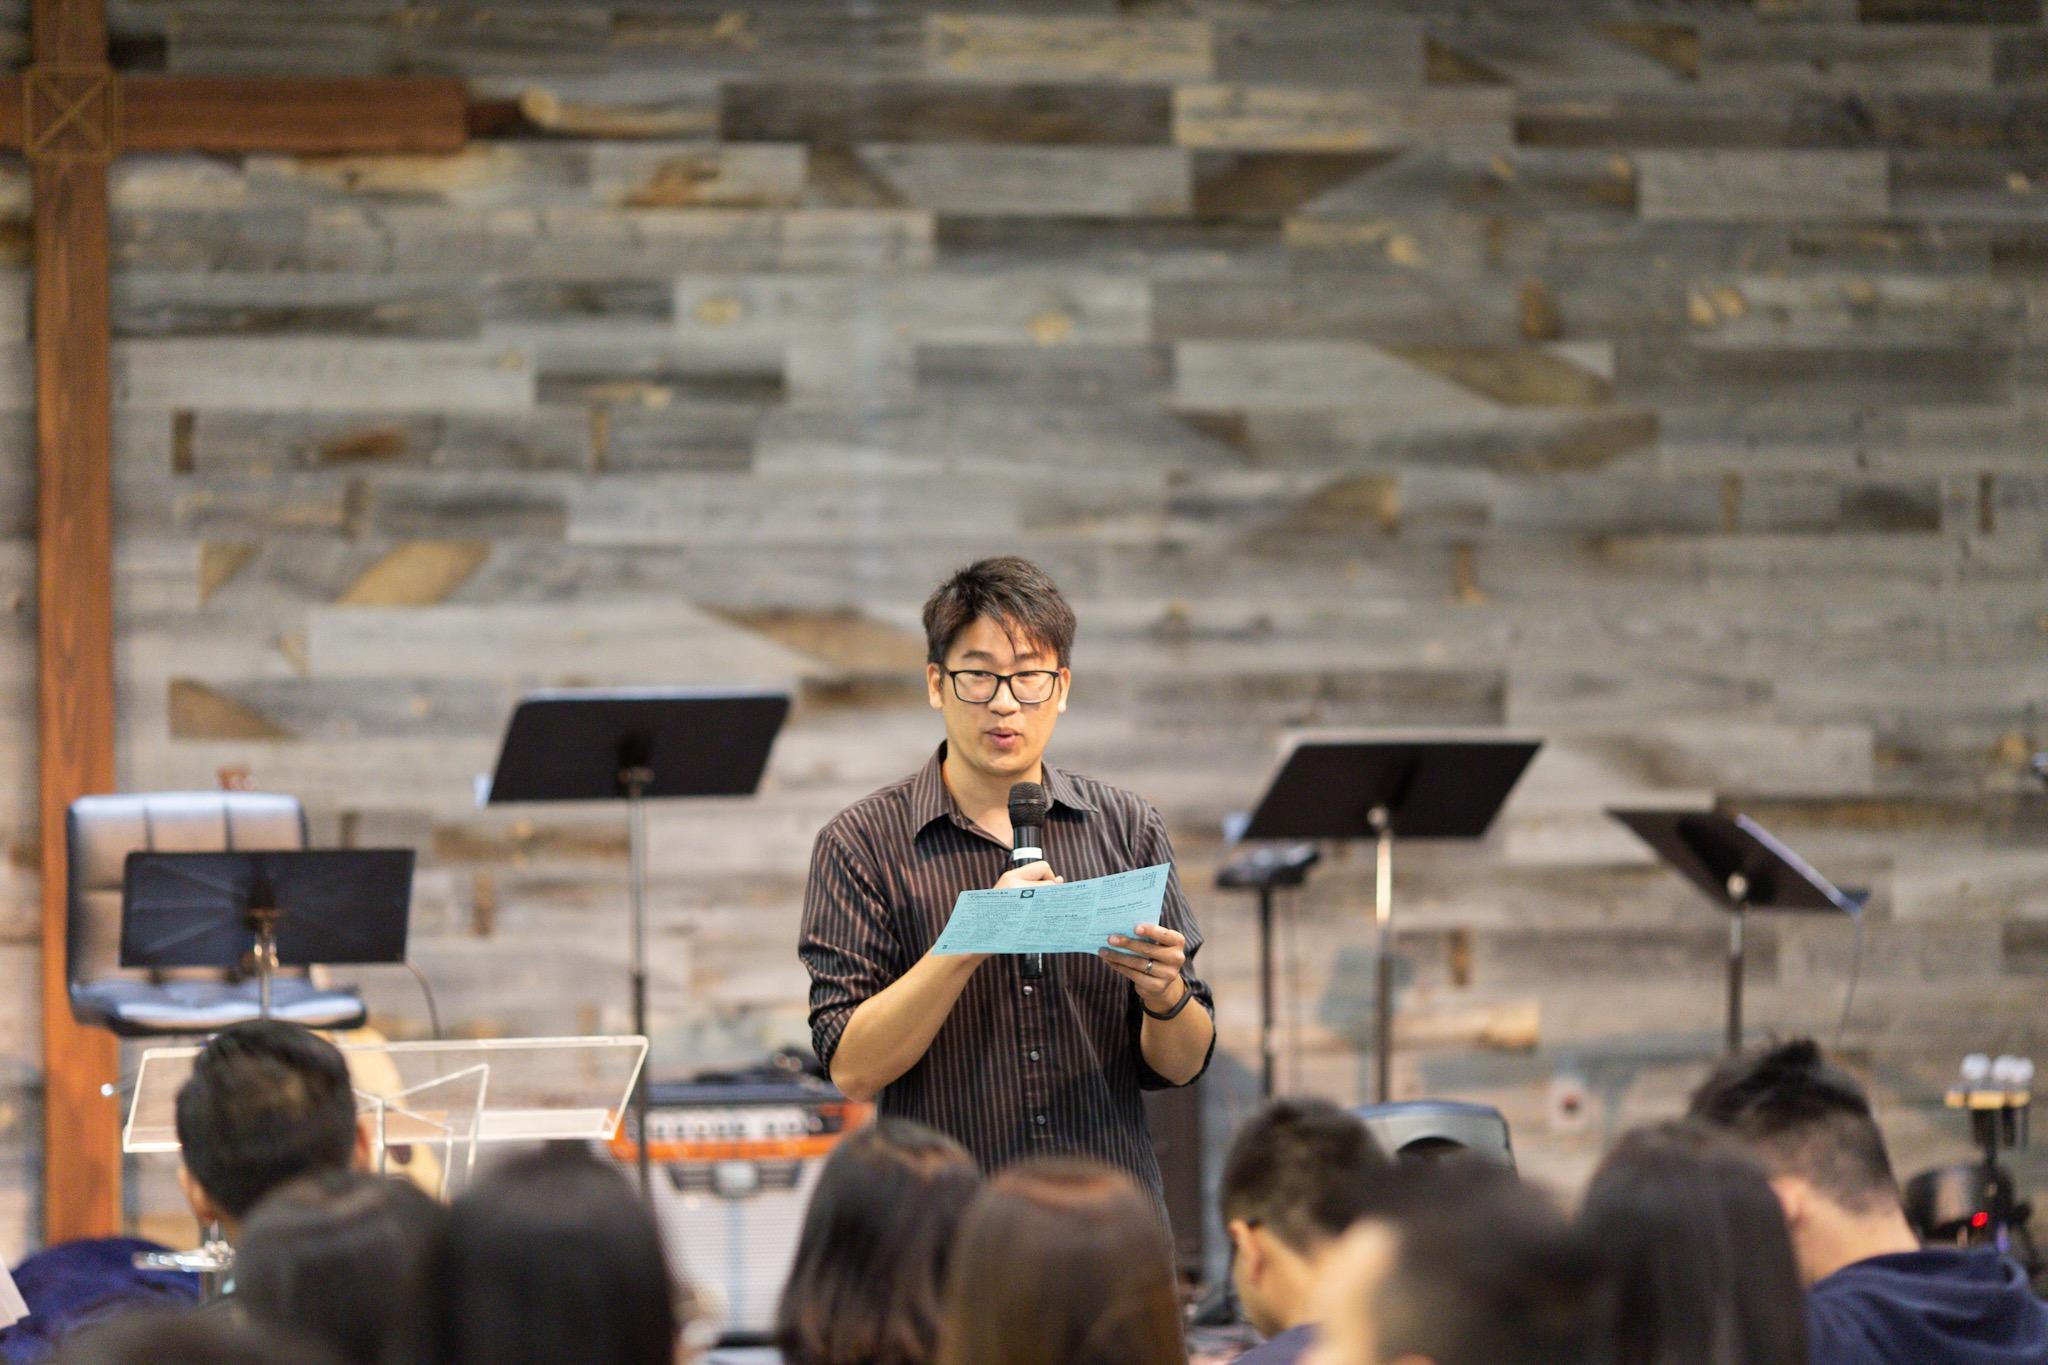 Elder Peter is today's presider